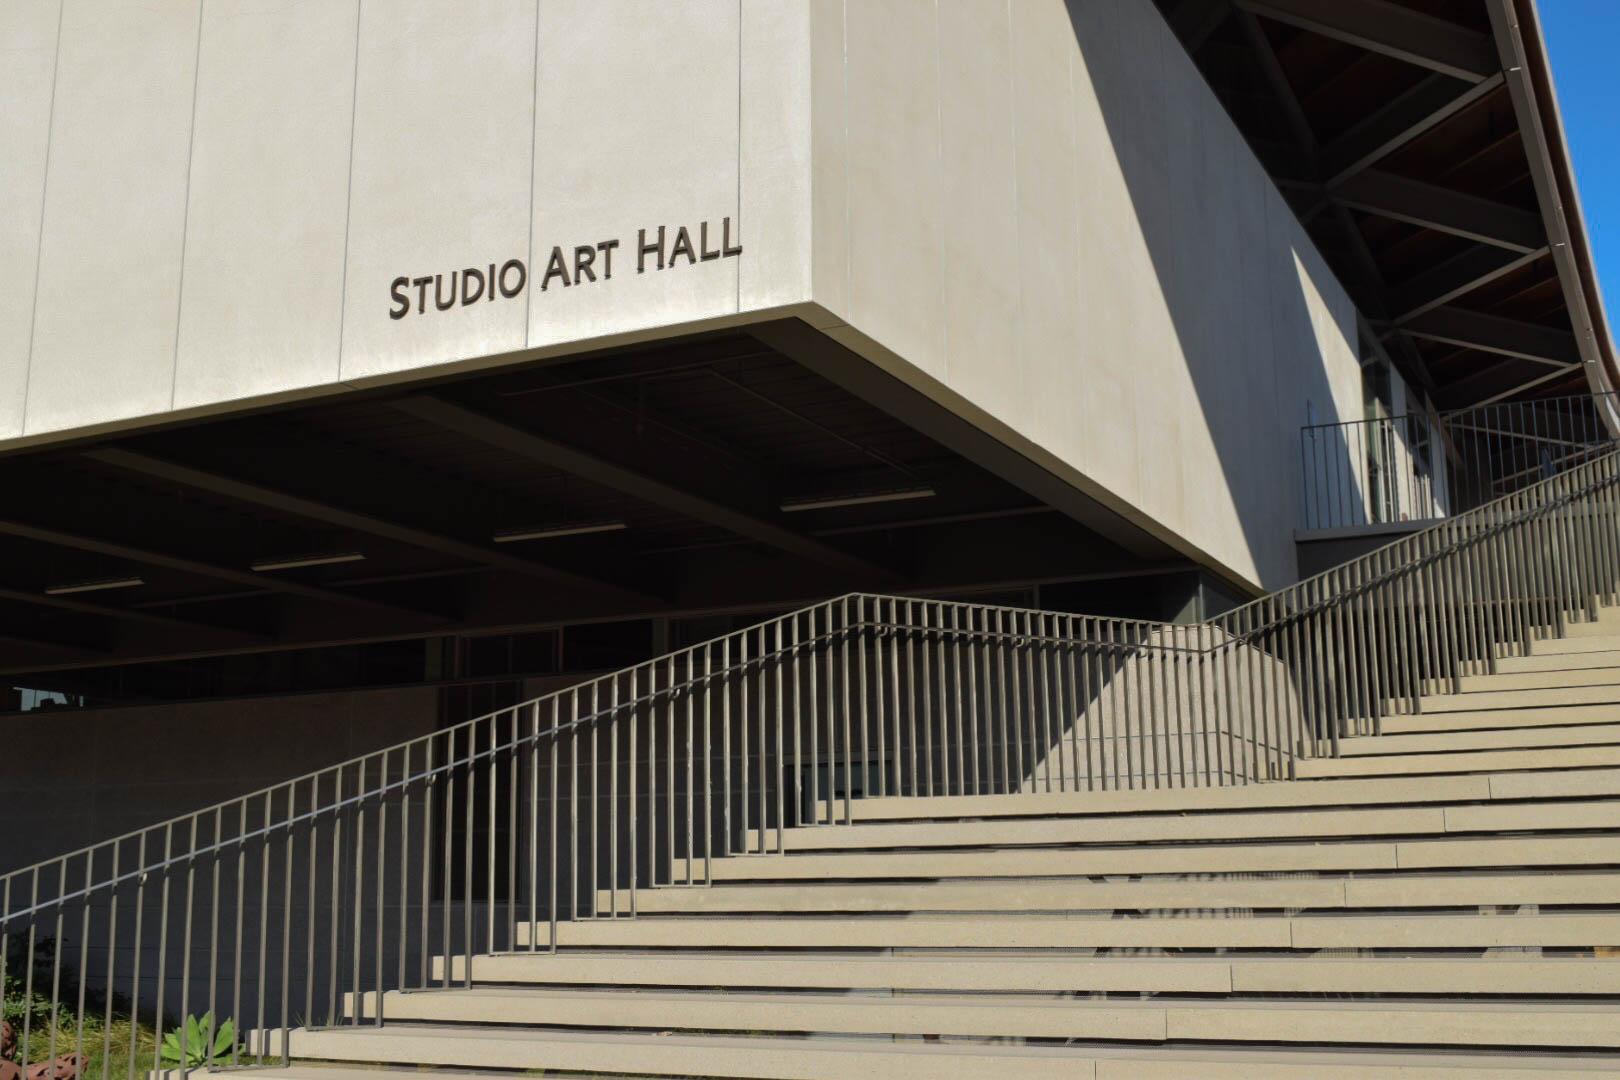 Pomona Studio Art Hall